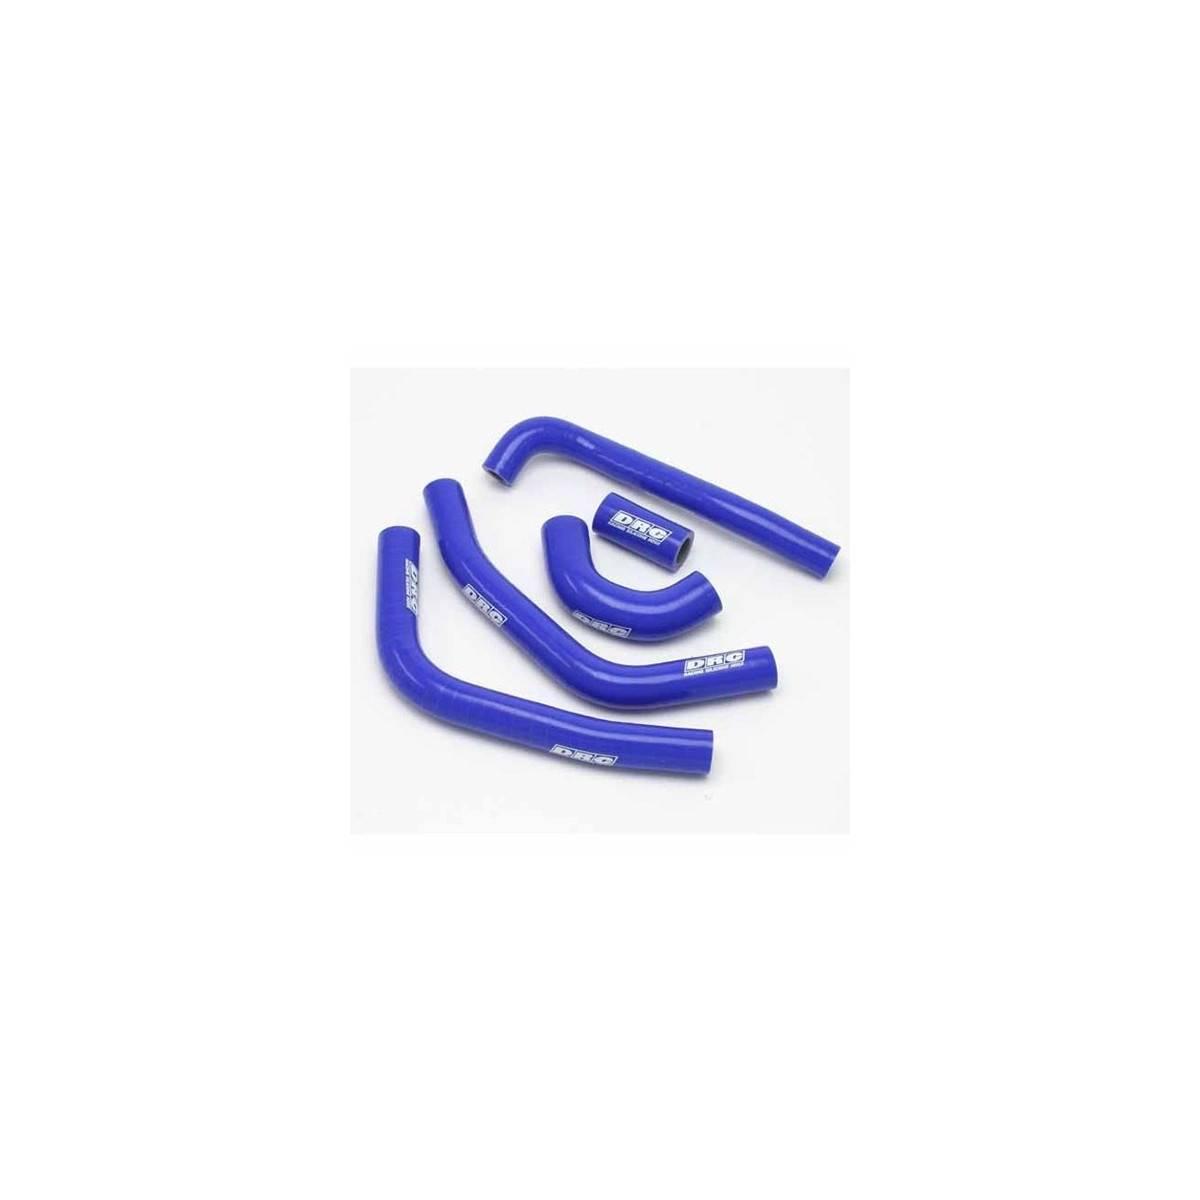 D47.01.782 - Kit Manguitos Radiador Yamaha Yz125 ´05 Azul